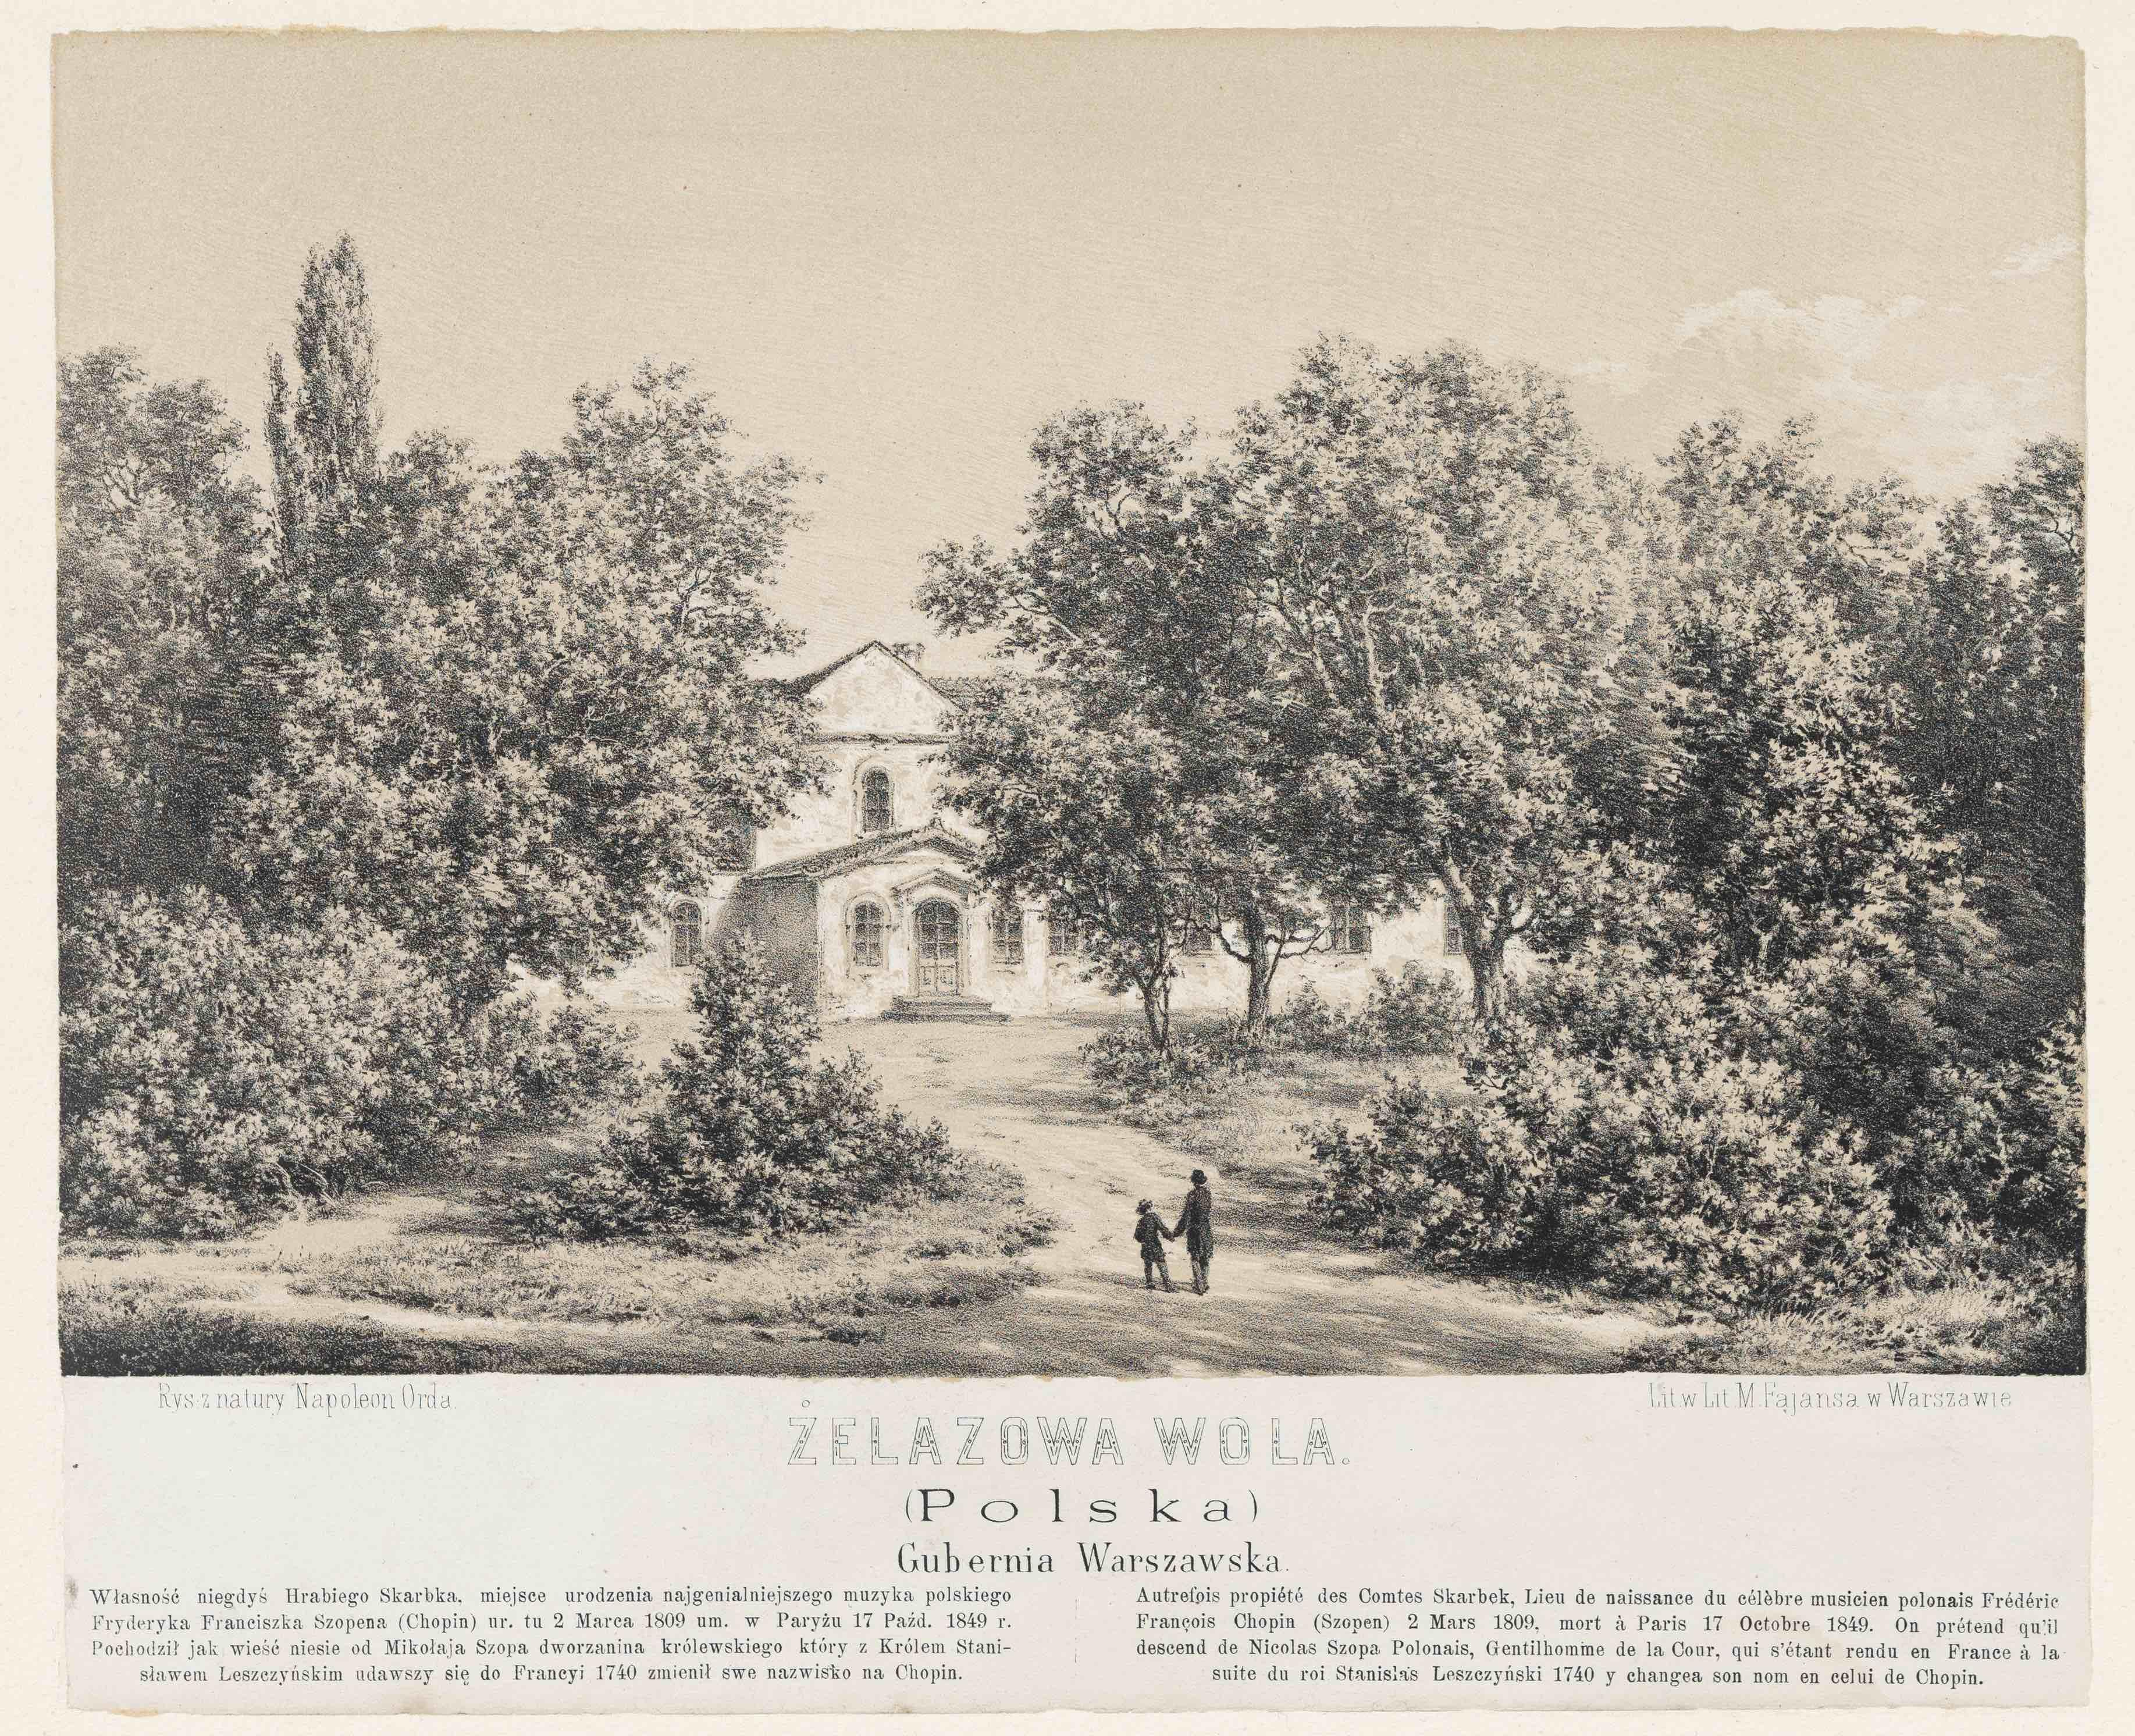 《ジェラゾヴァ・ヴォラ》(書籍『同胞達に捧げるポーランドの歴史的風景の選集』8, pl.248)1882-83年 NIFC